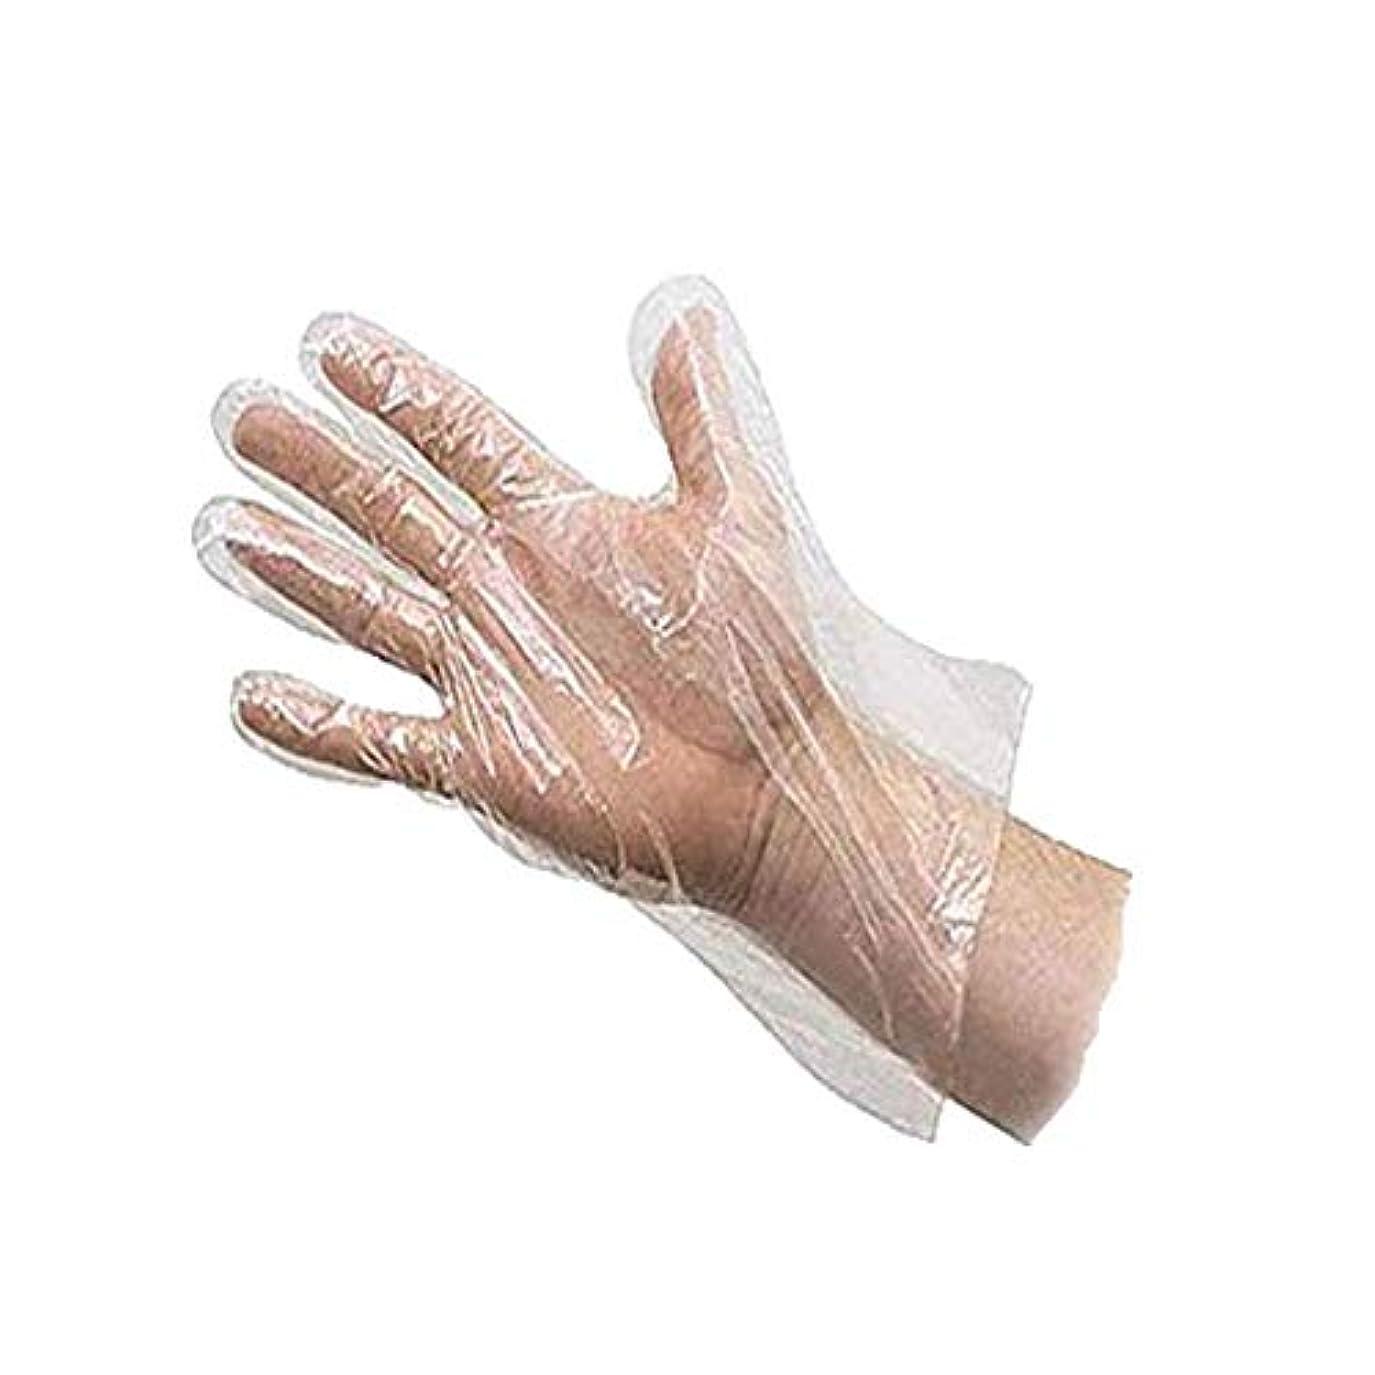 認識必要としているチョップUCCU プレミアム 使い捨て手袋 調理用 食品 プラスチック ホワイト 粉なし 食品衛生 透明 左右兼用 薄型 ビニール極薄手袋 100枚入り 便利